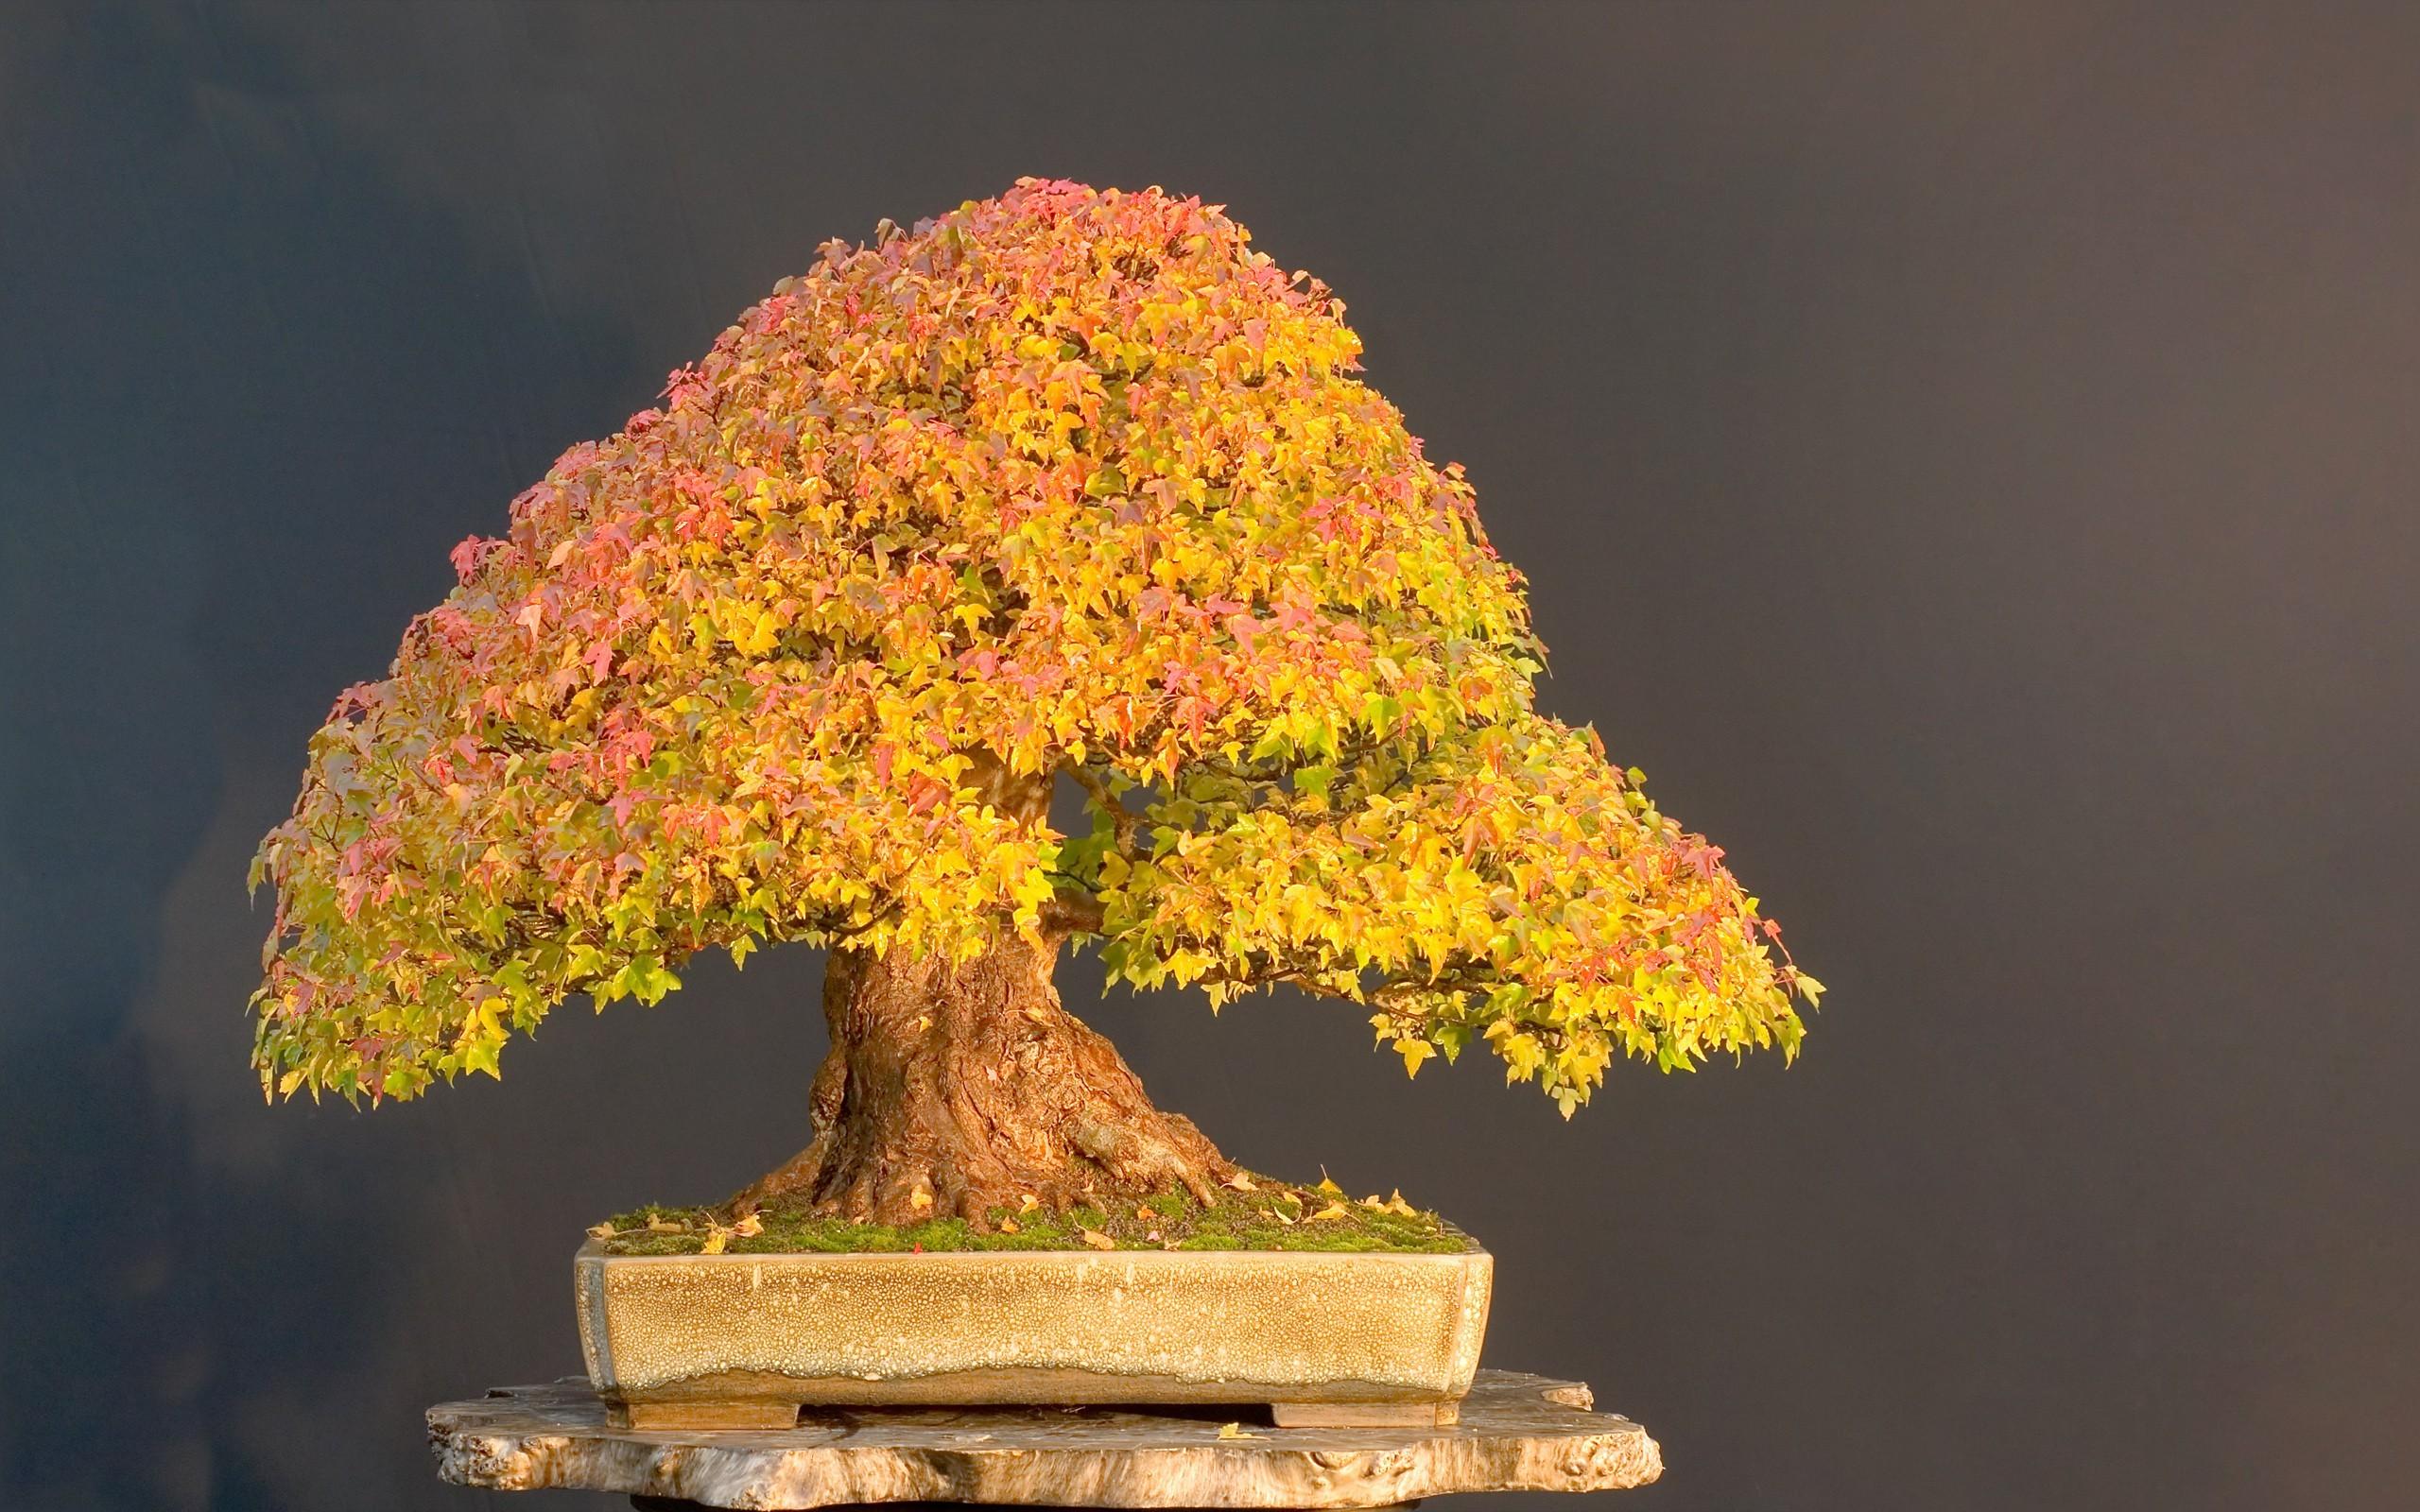 Res: 2560x1600, Bild: Bonsai-Baum wallpapers and stock photos. Â«